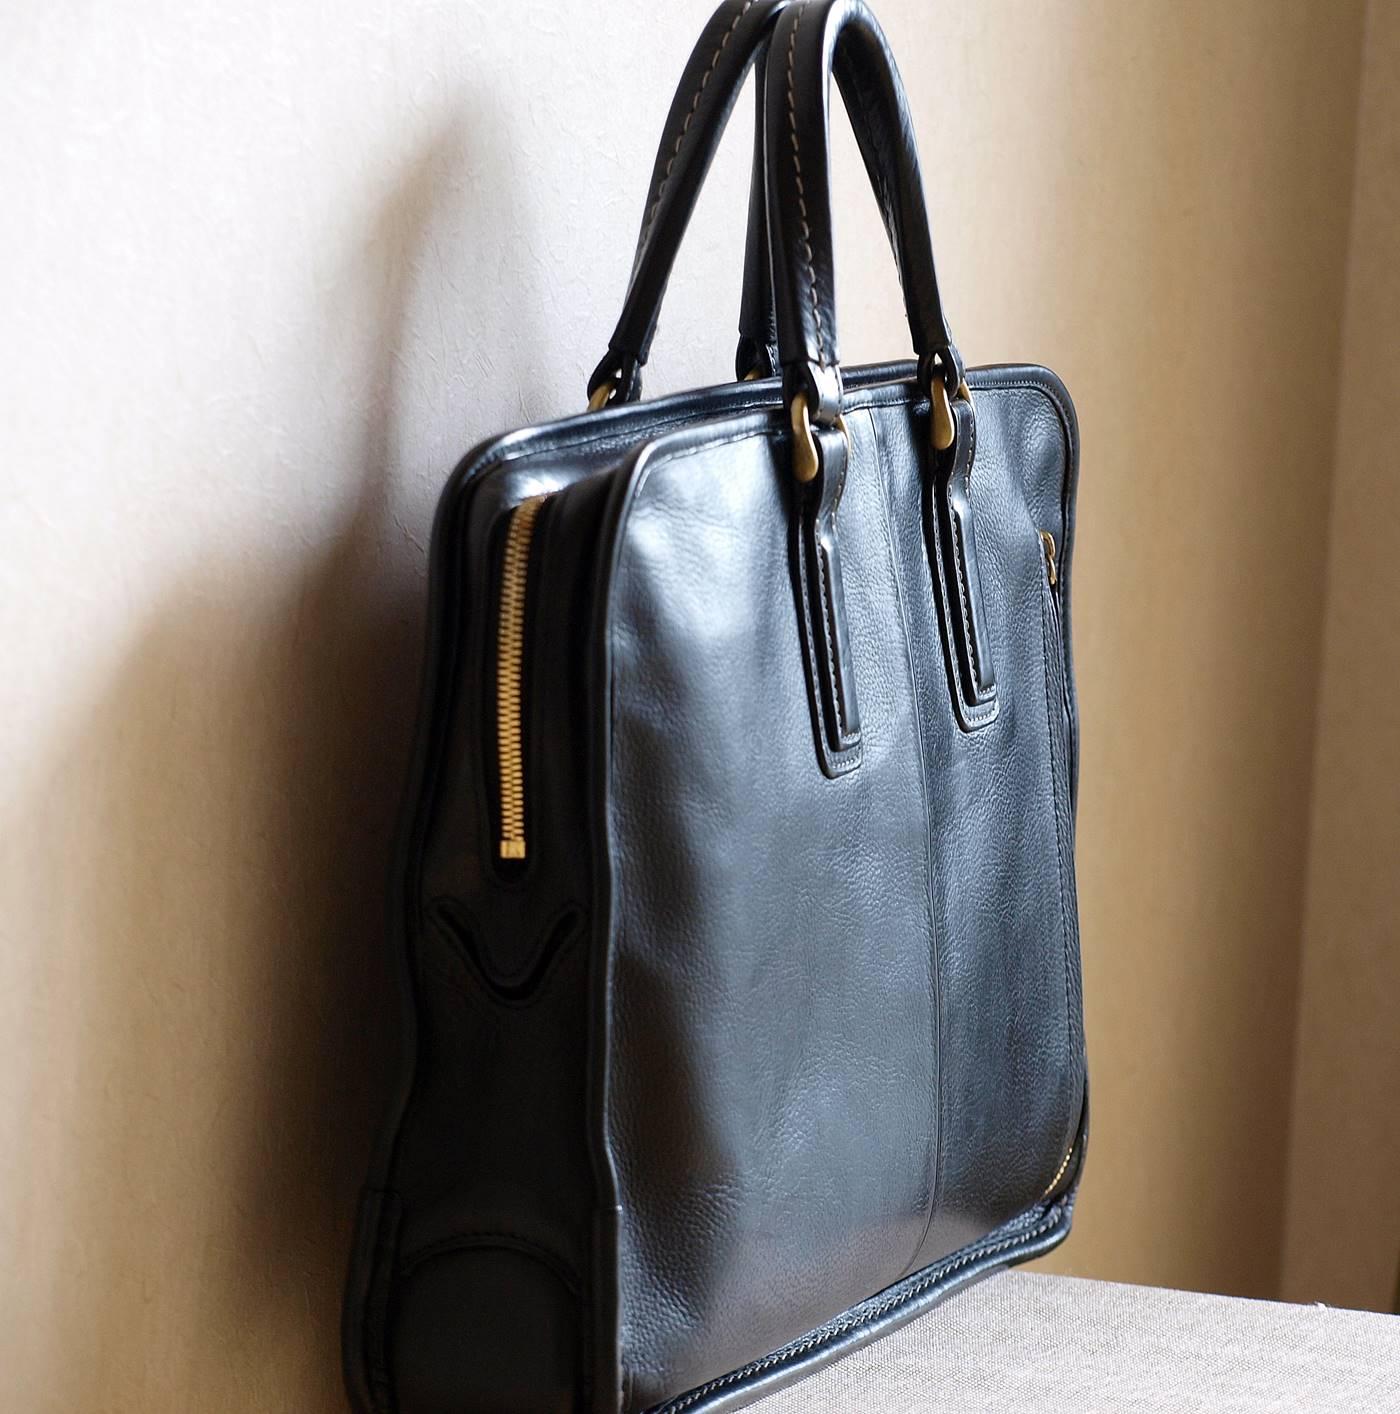 土屋鞄製造所 ウルバーノ アーバンブリーフ11